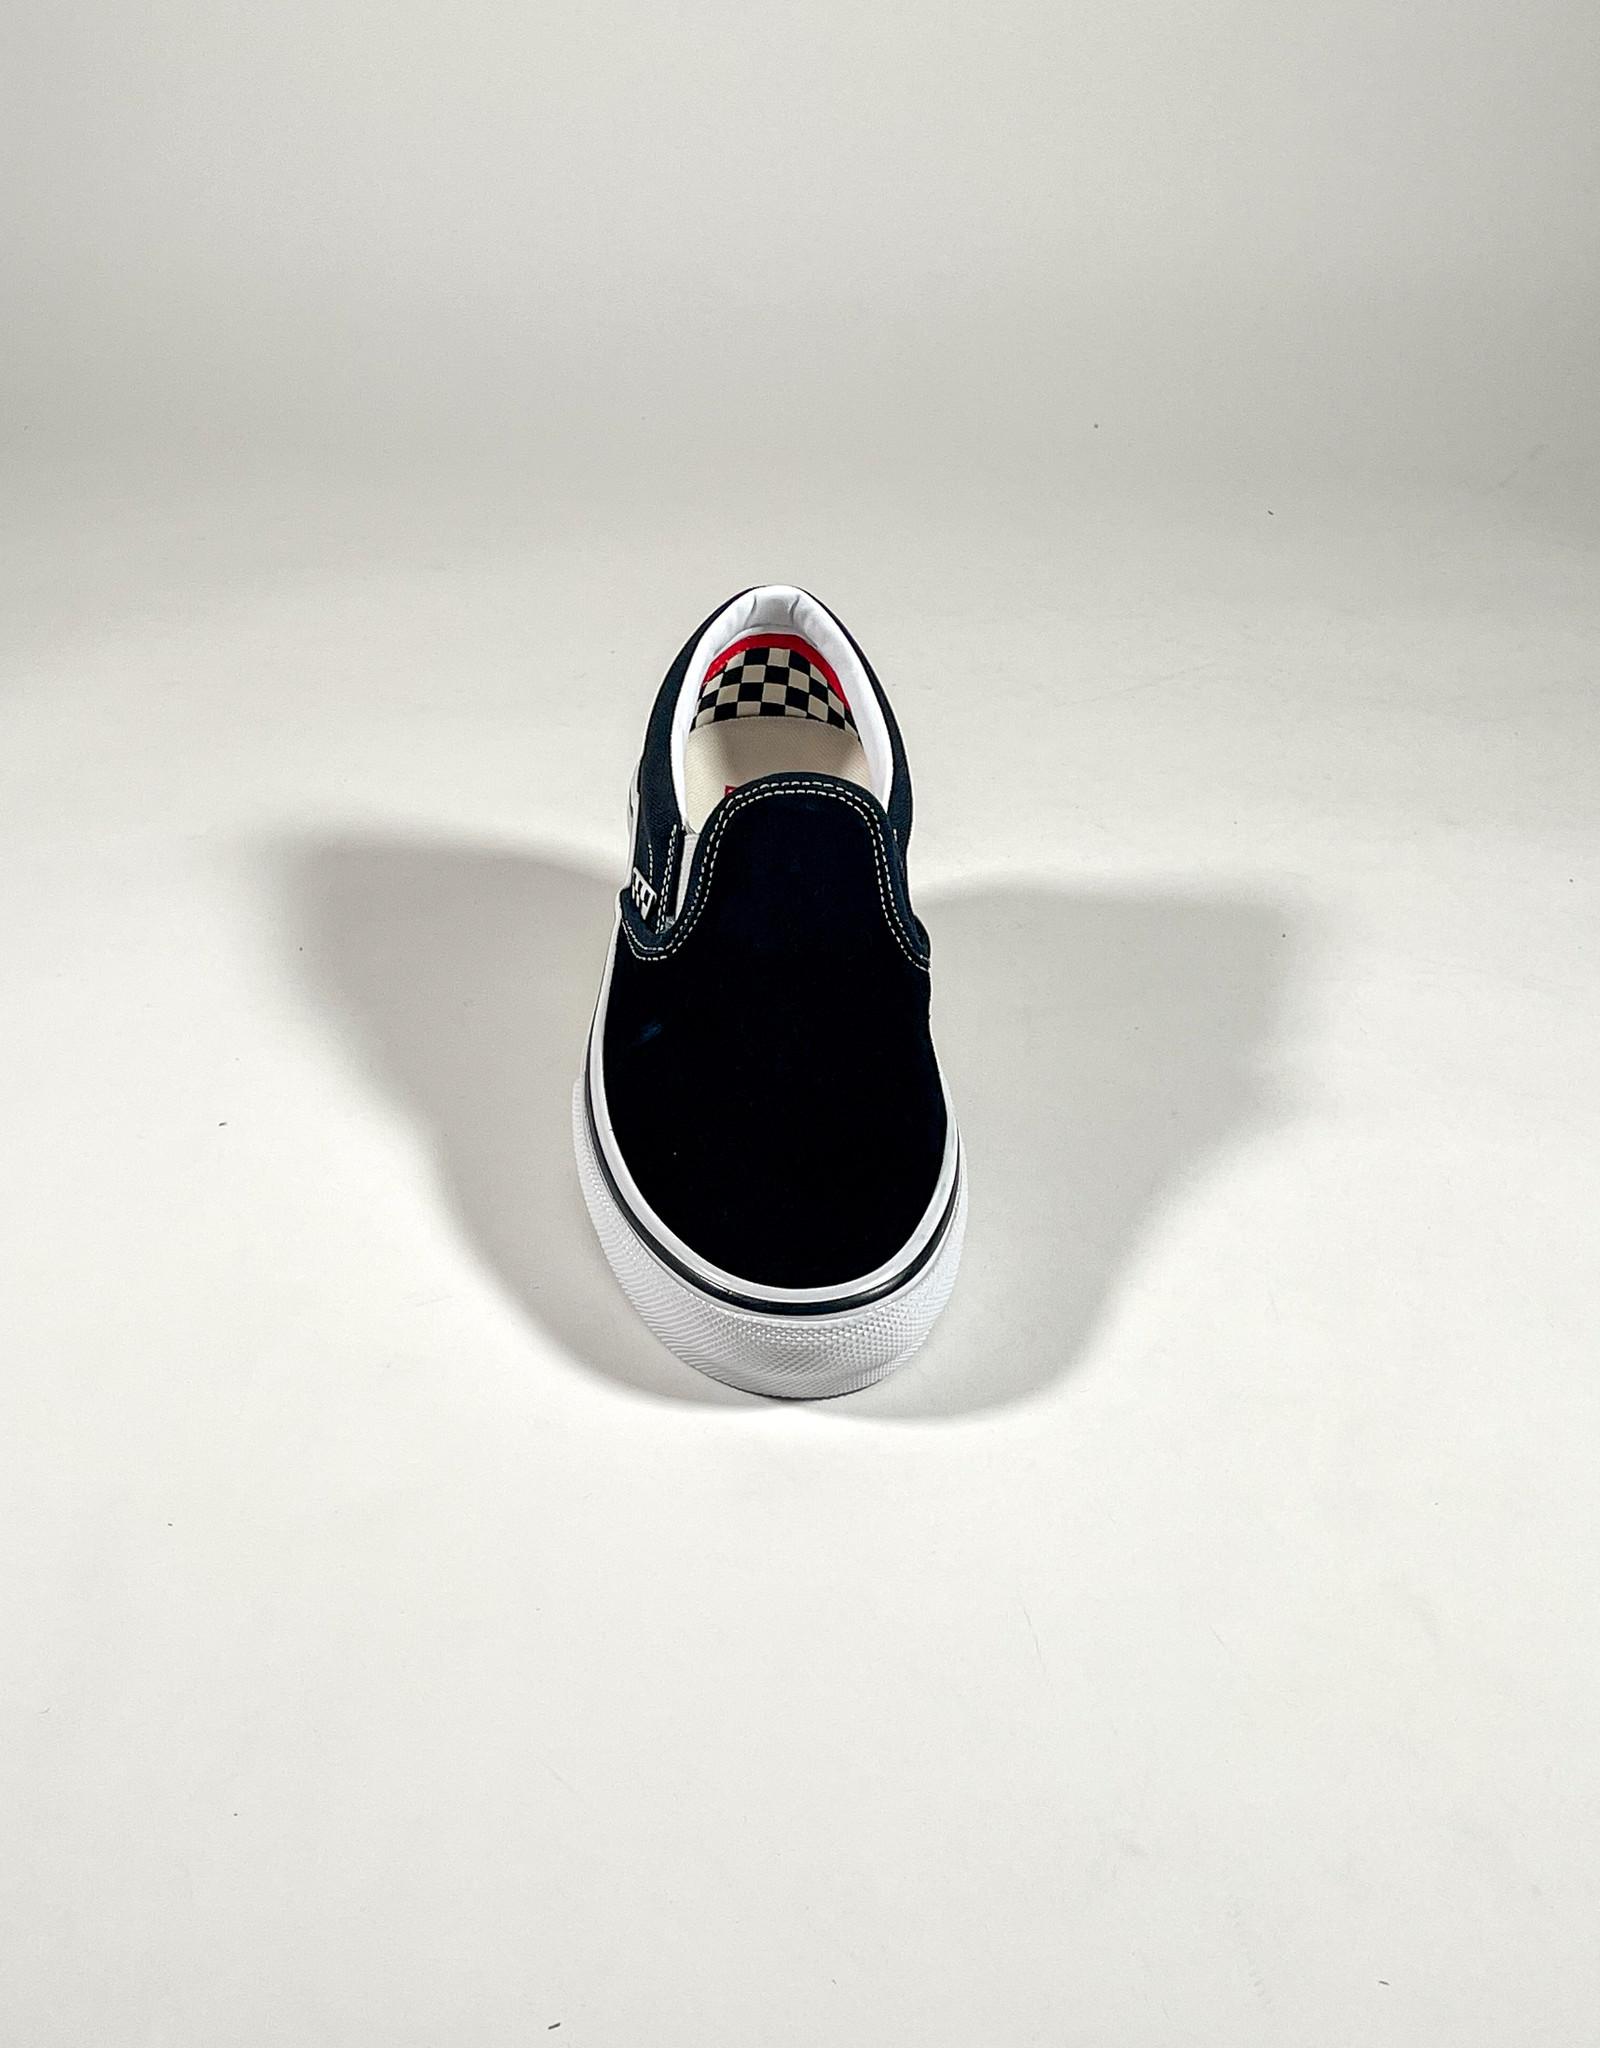 VANS VANS SKATE SLIP ON - BLACK/WHITE